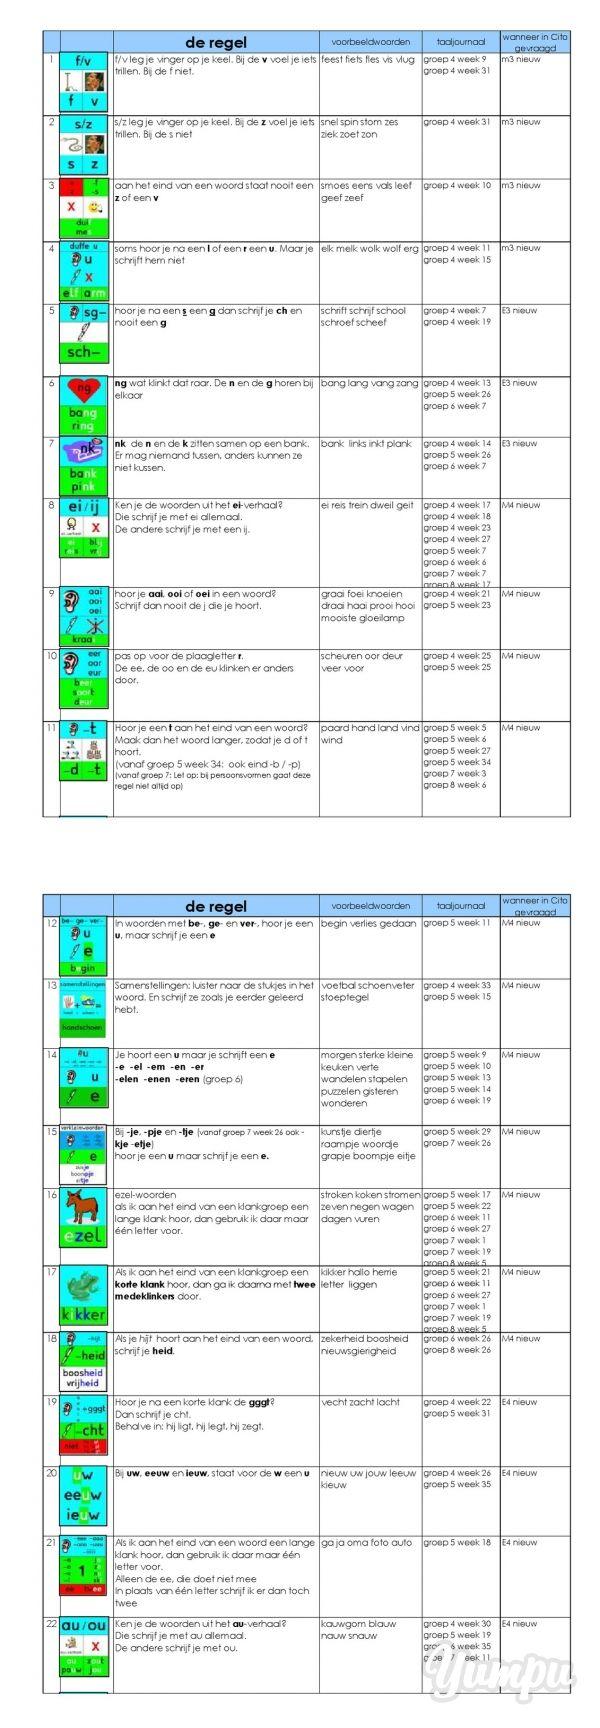 overzicht van de gebruikte spellingregels in taaljournaal - Juf Lia - Magazine with 4 pages: overzicht van de gebruikte spellingregels in taaljournaal - Juf Lia